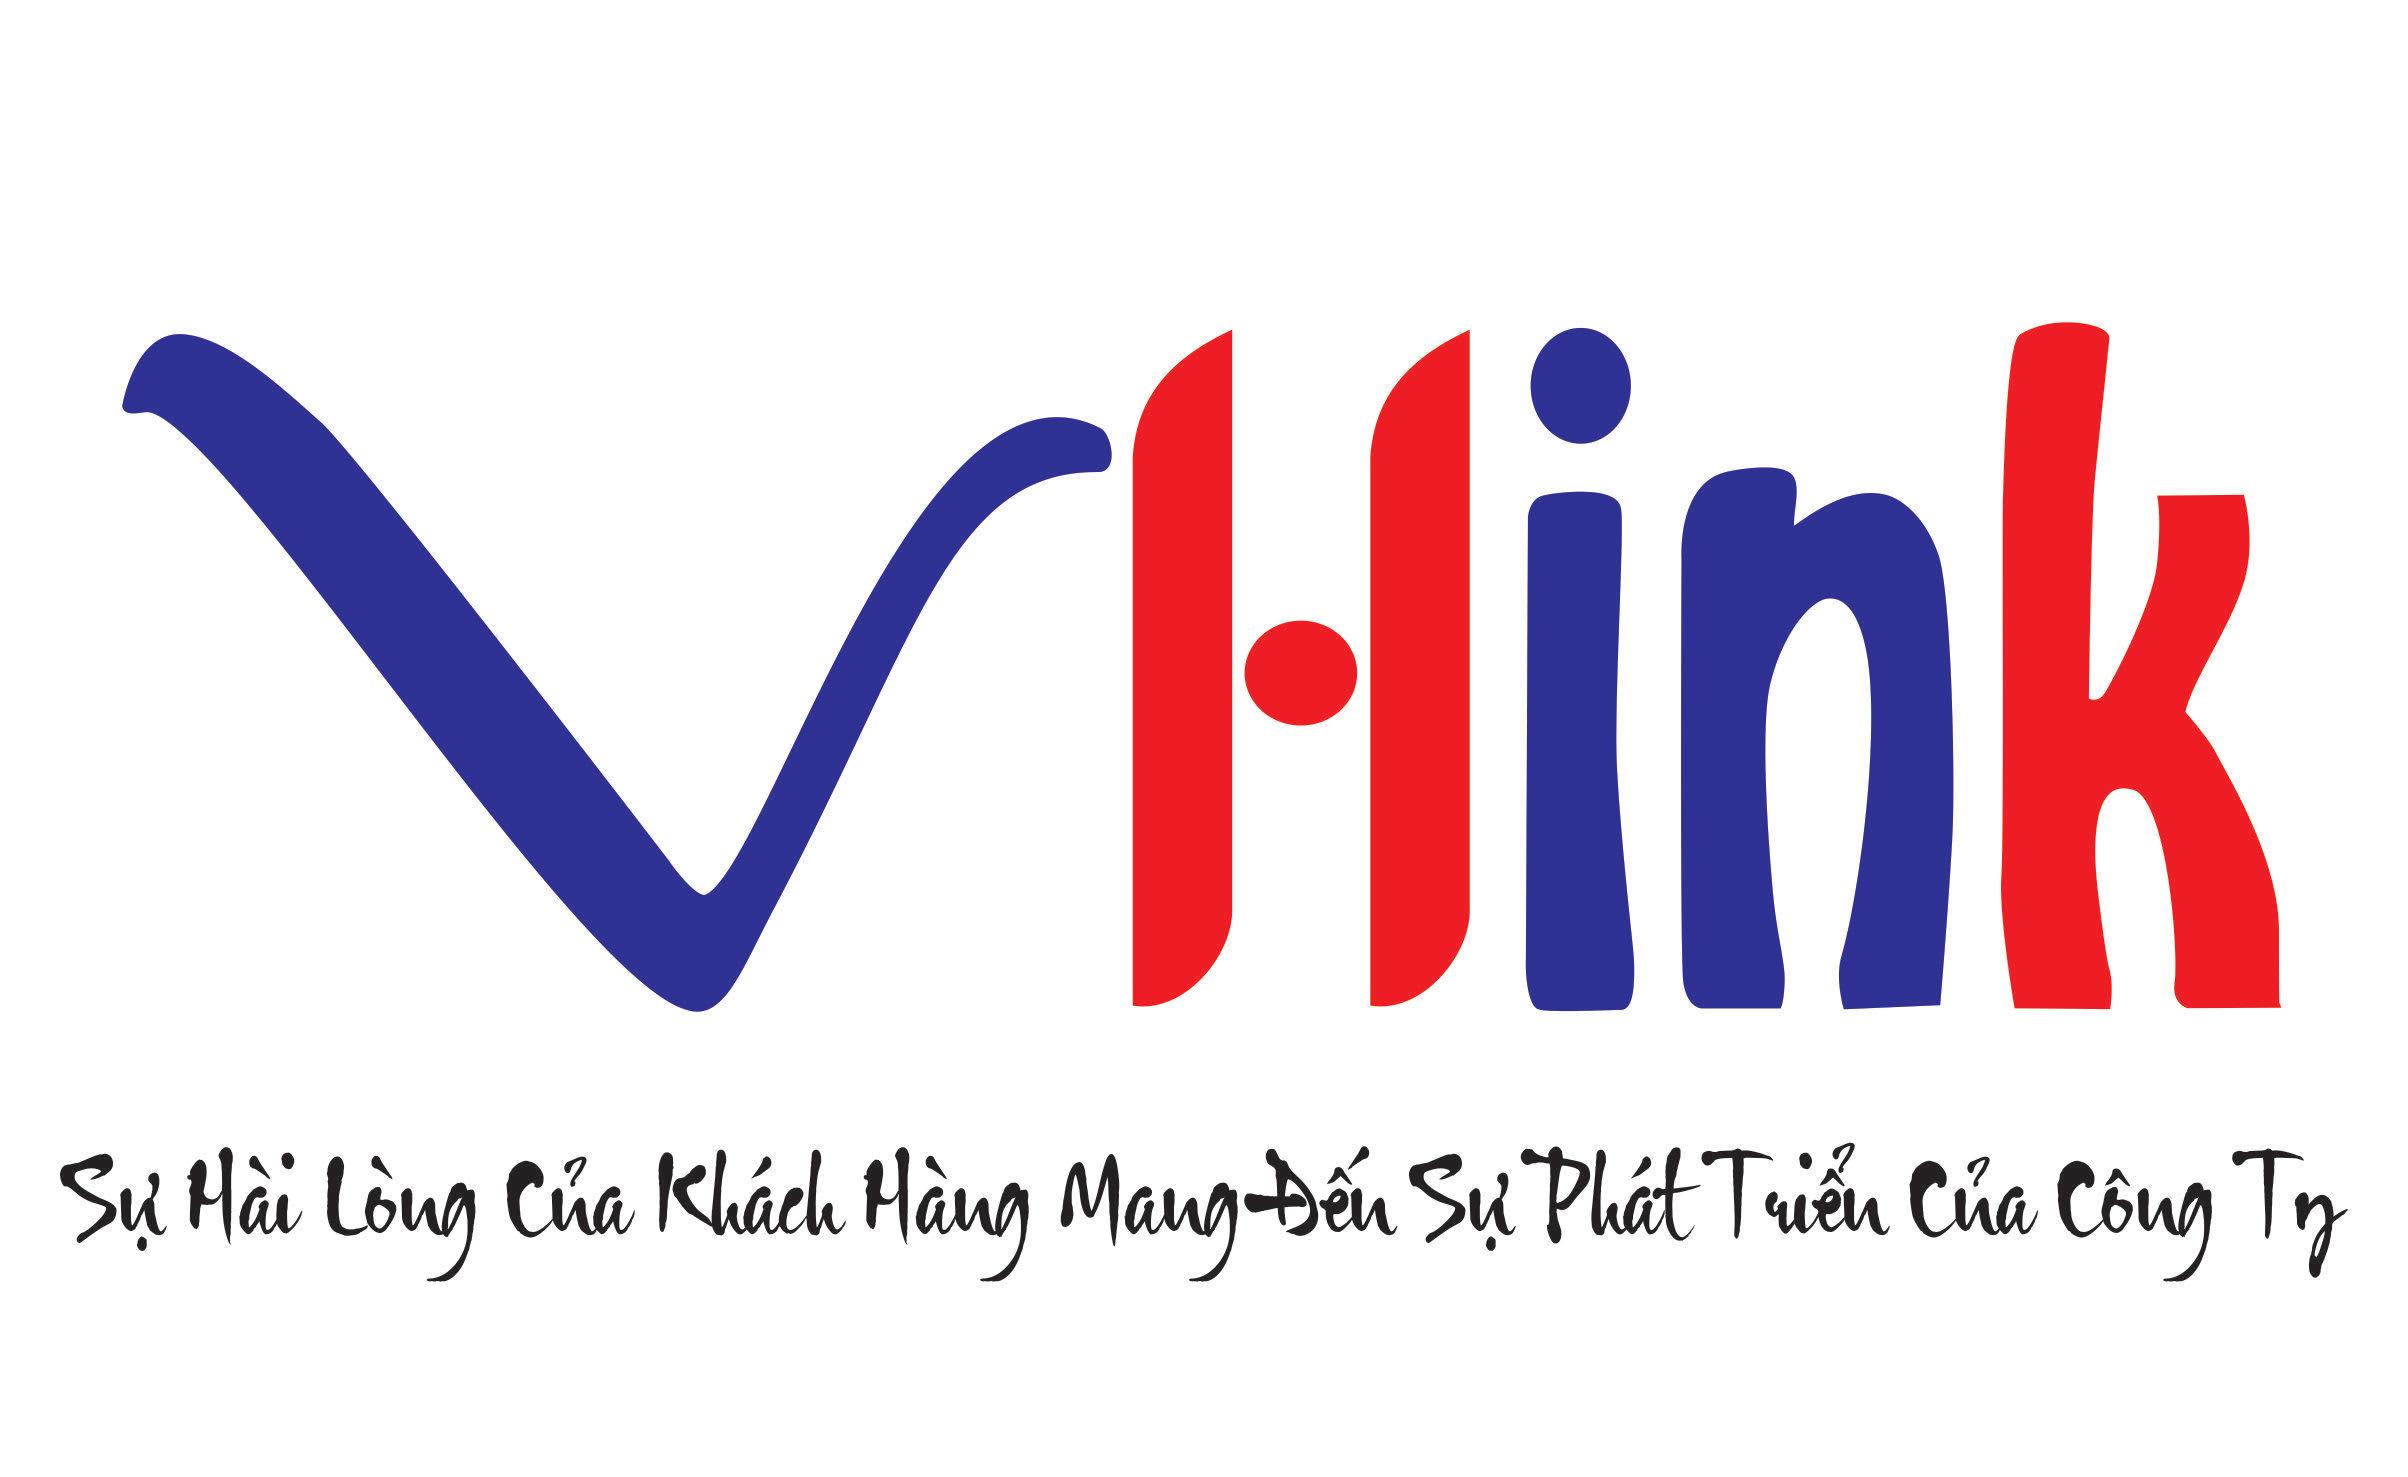 Vhink.vn